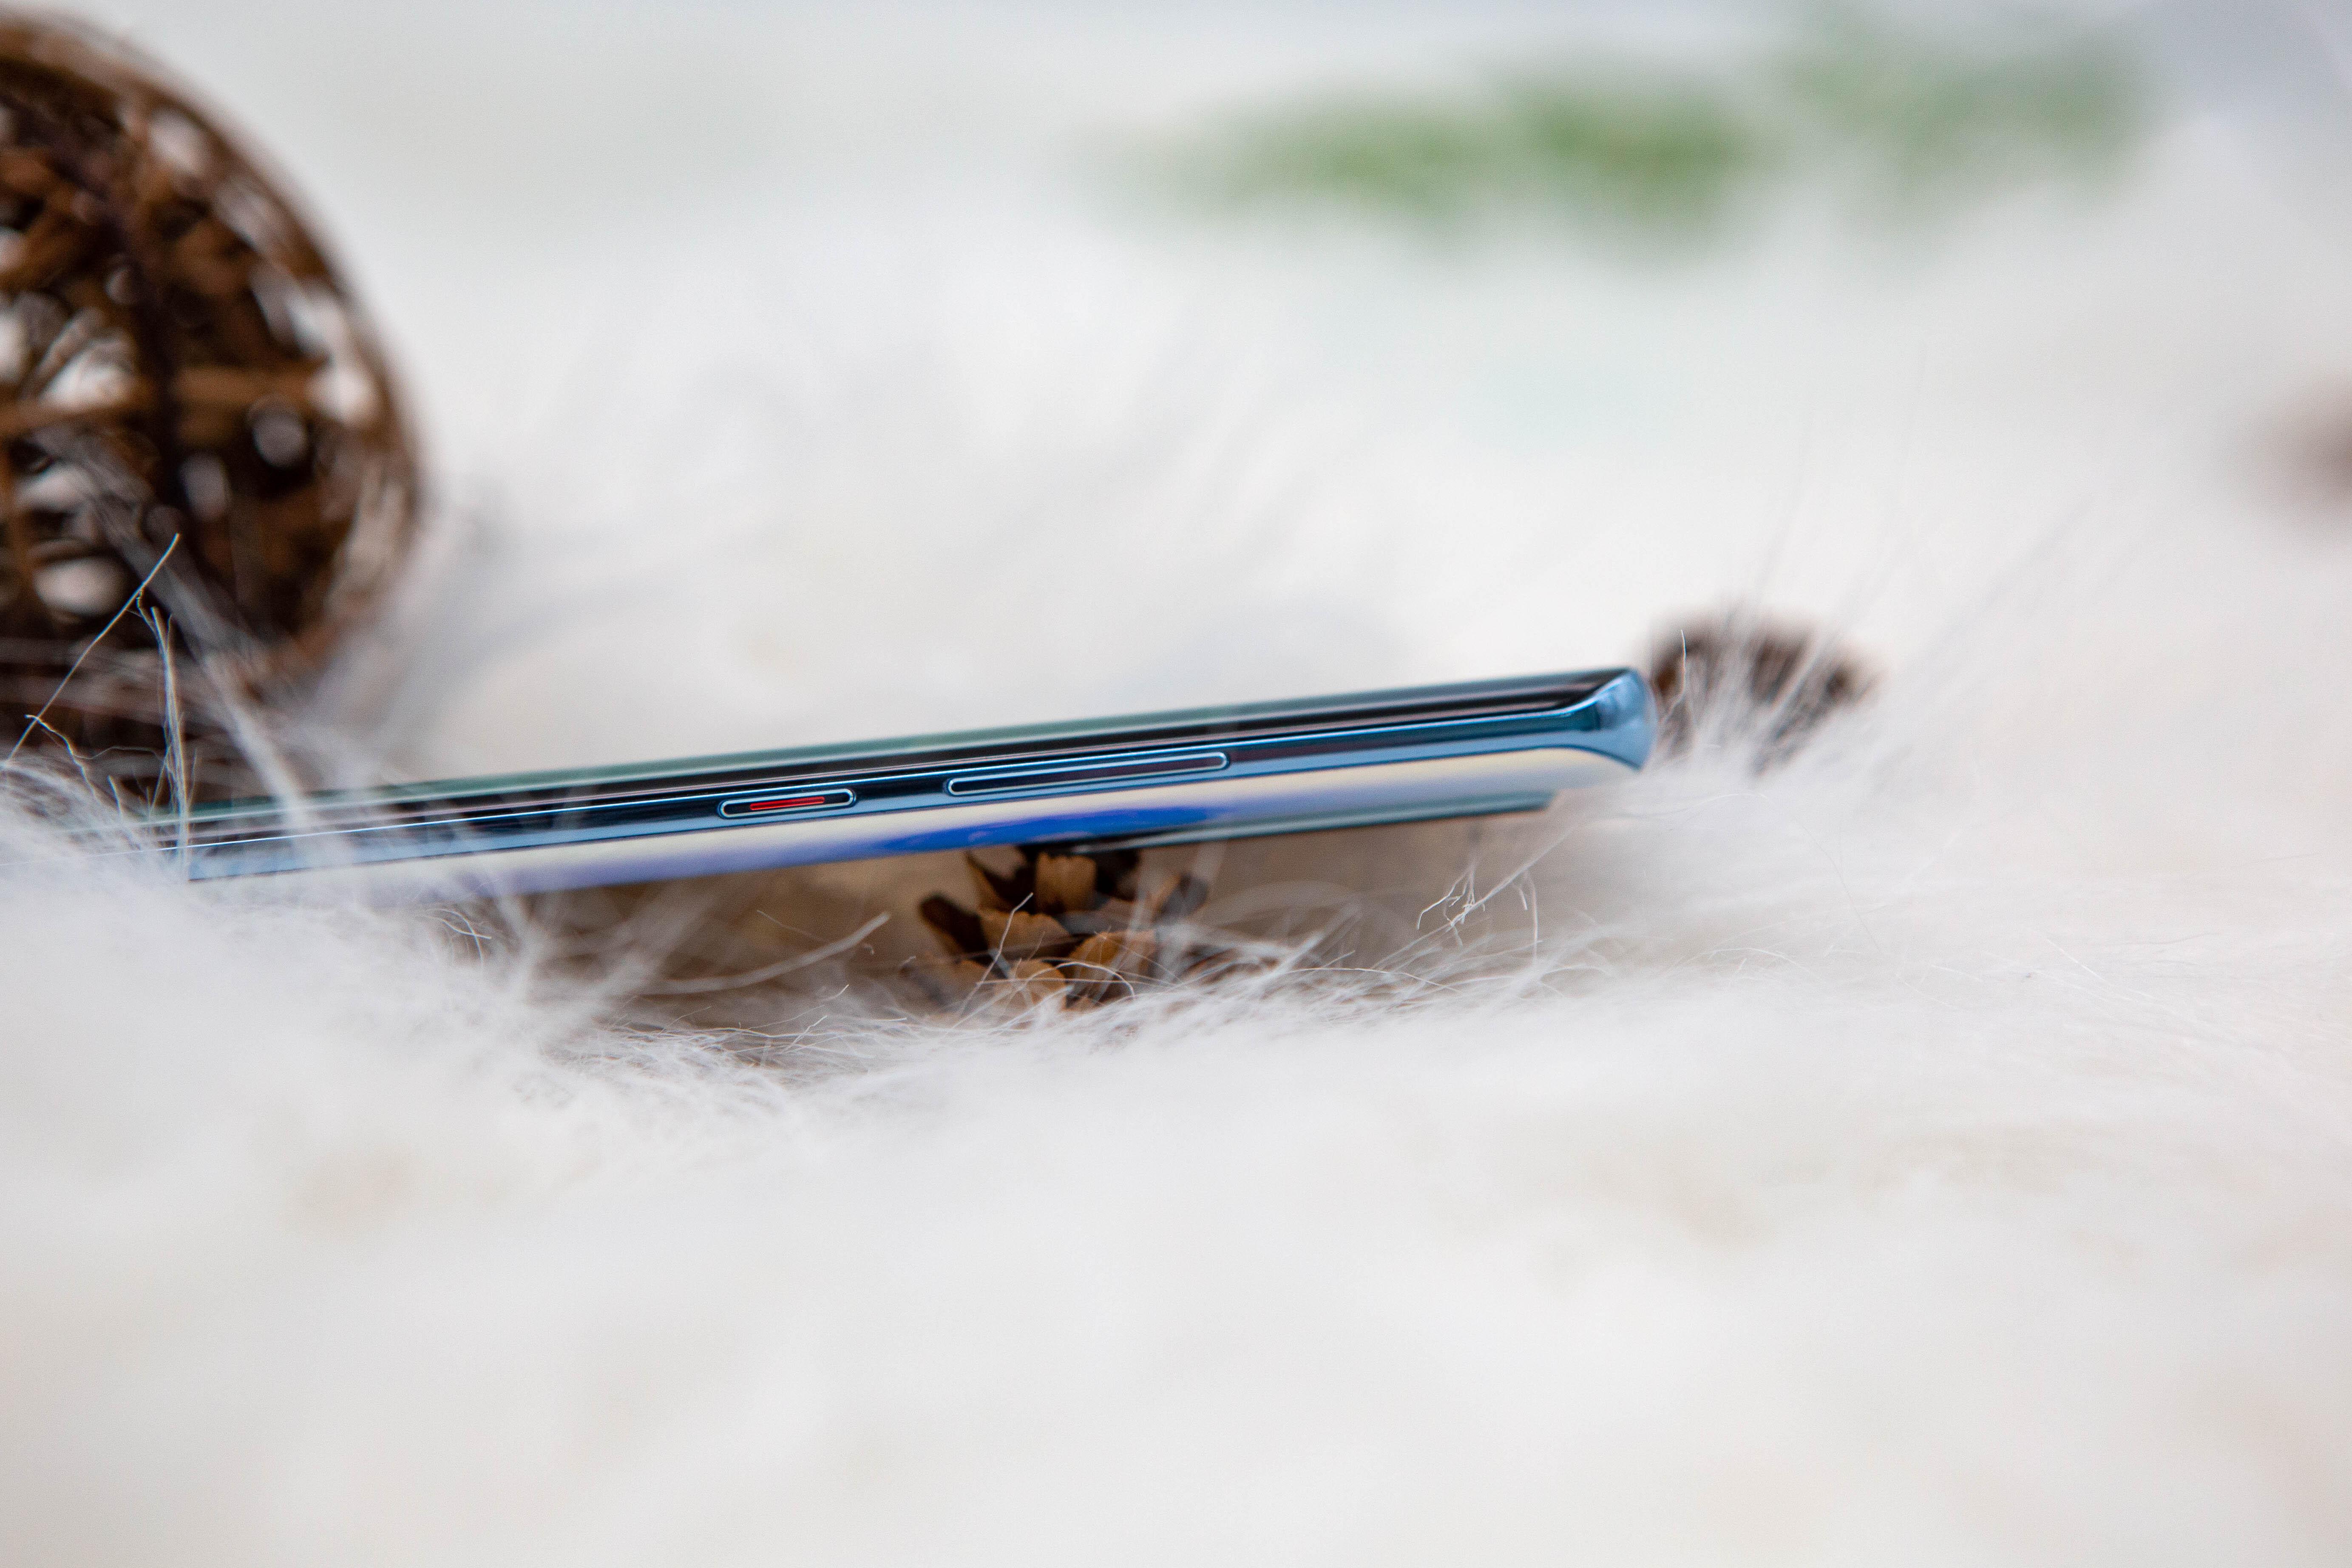 华为P30 Pro官方真机美图:不要只看变焦 而看不到美-玩懂手机网 - 玩懂手机第一手的手机资讯网(www.wdshouji.com)